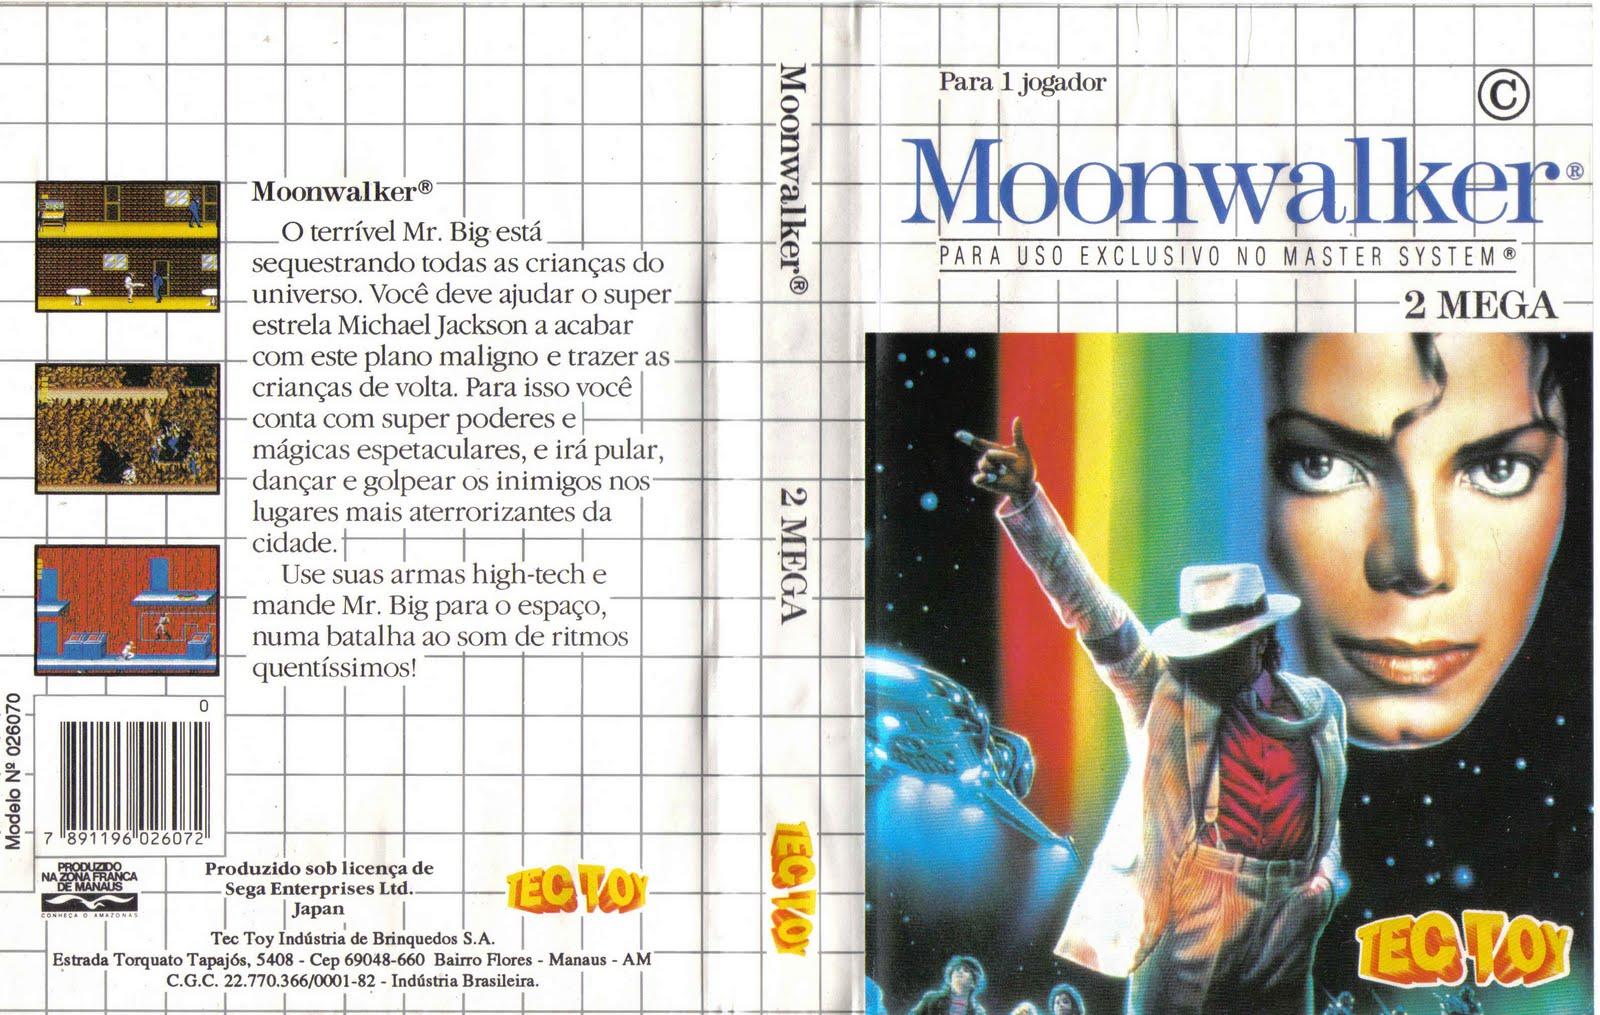 http://2.bp.blogspot.com/_fbj-LLGz_fs/TAMEsz5ZezI/AAAAAAAAABQ/Mba8GLWr0rk/s1600/Michael+Moonwalker.jpg